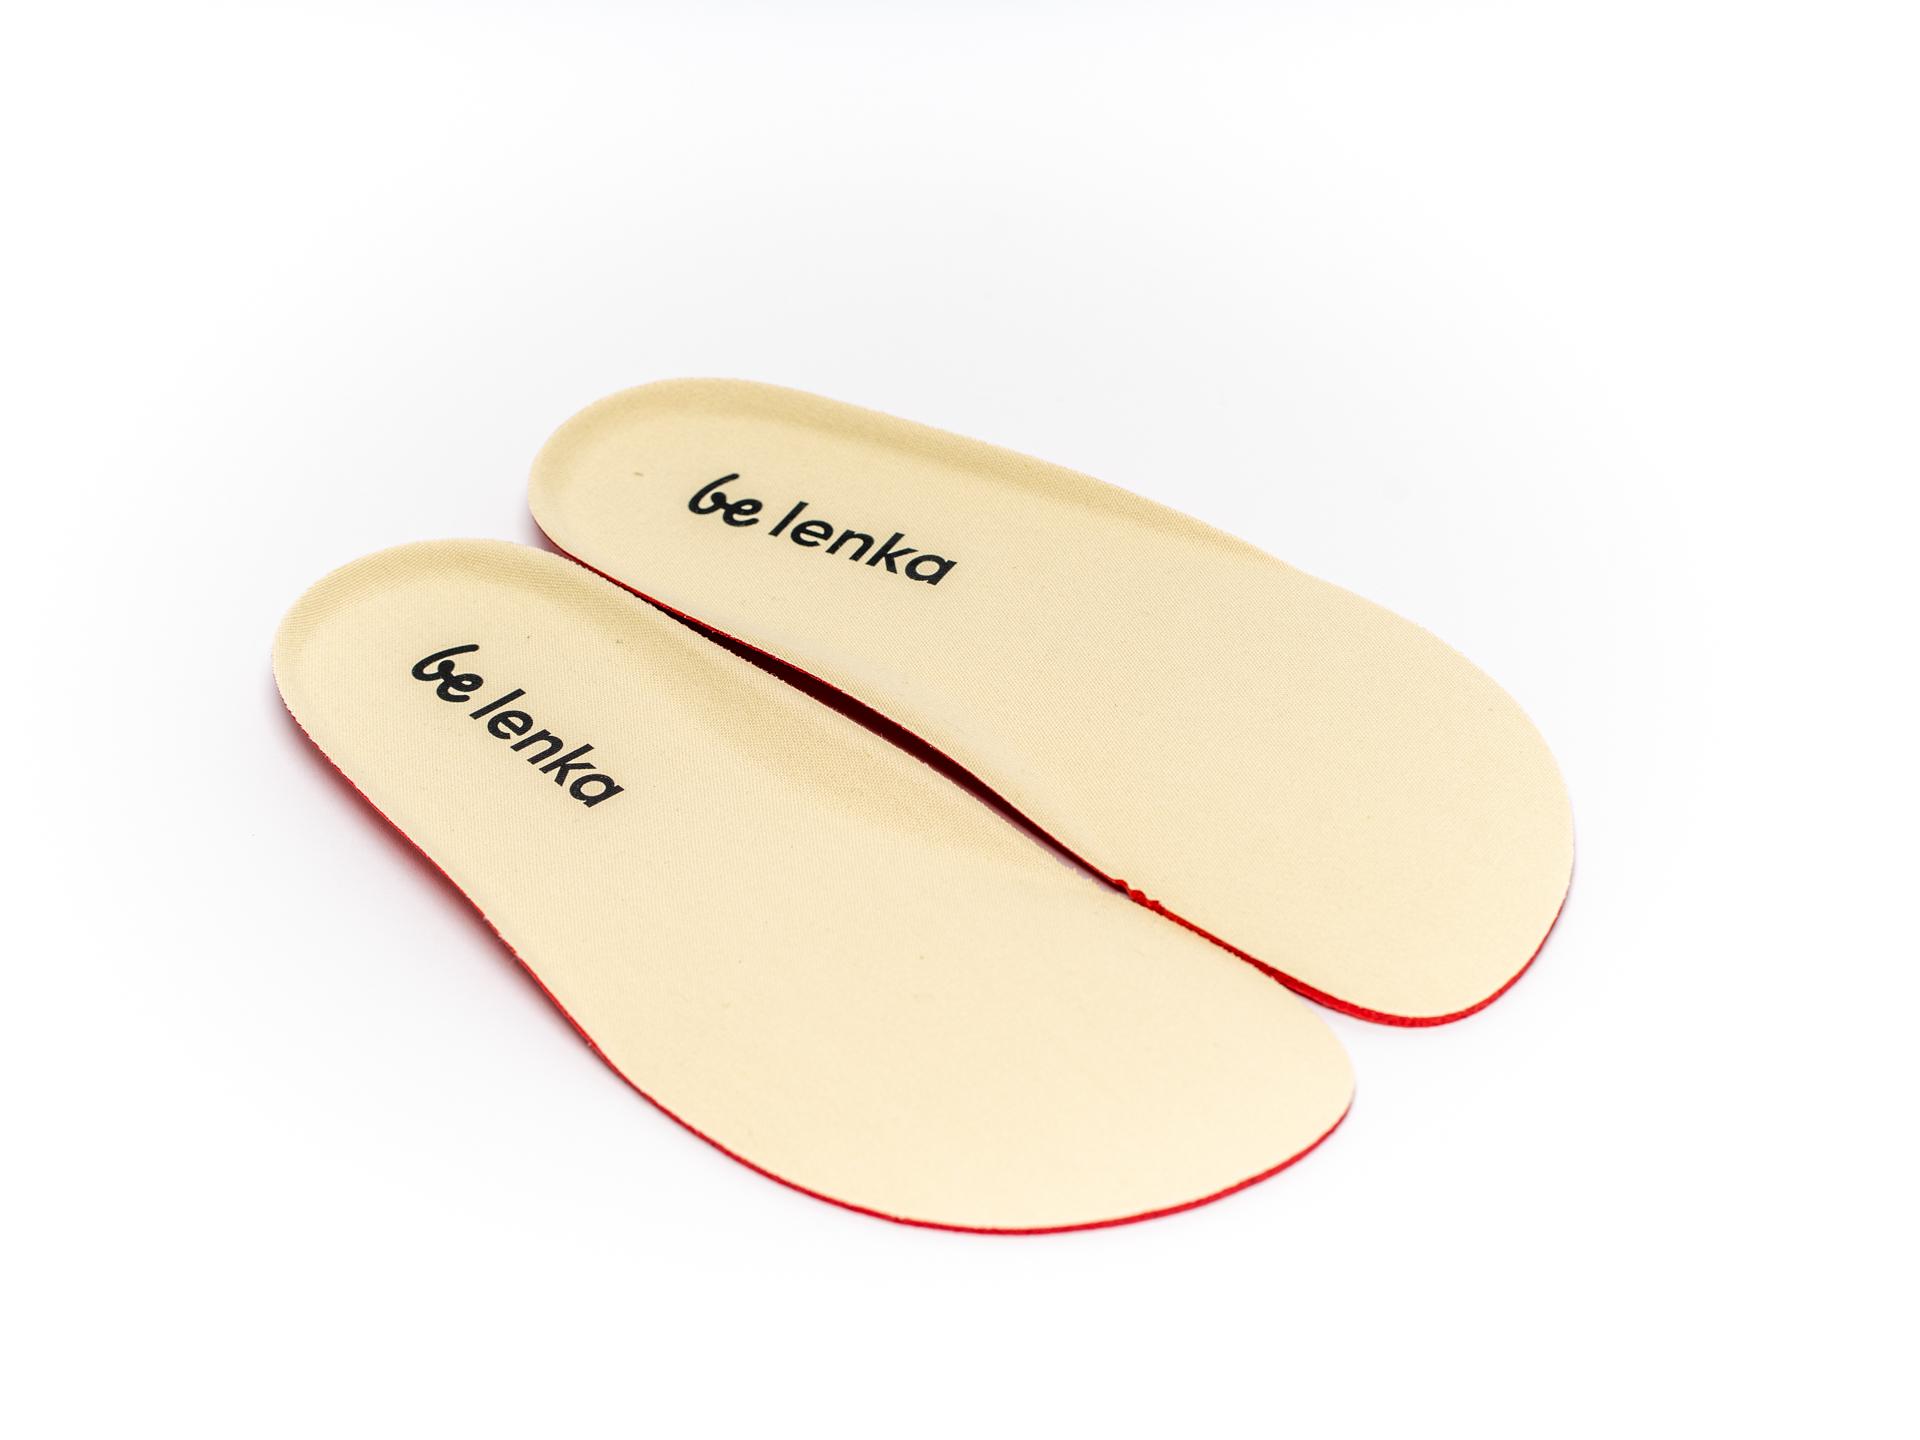 Barefoot Einlegesohlen Be Lenka - Ortho - Comfort 37